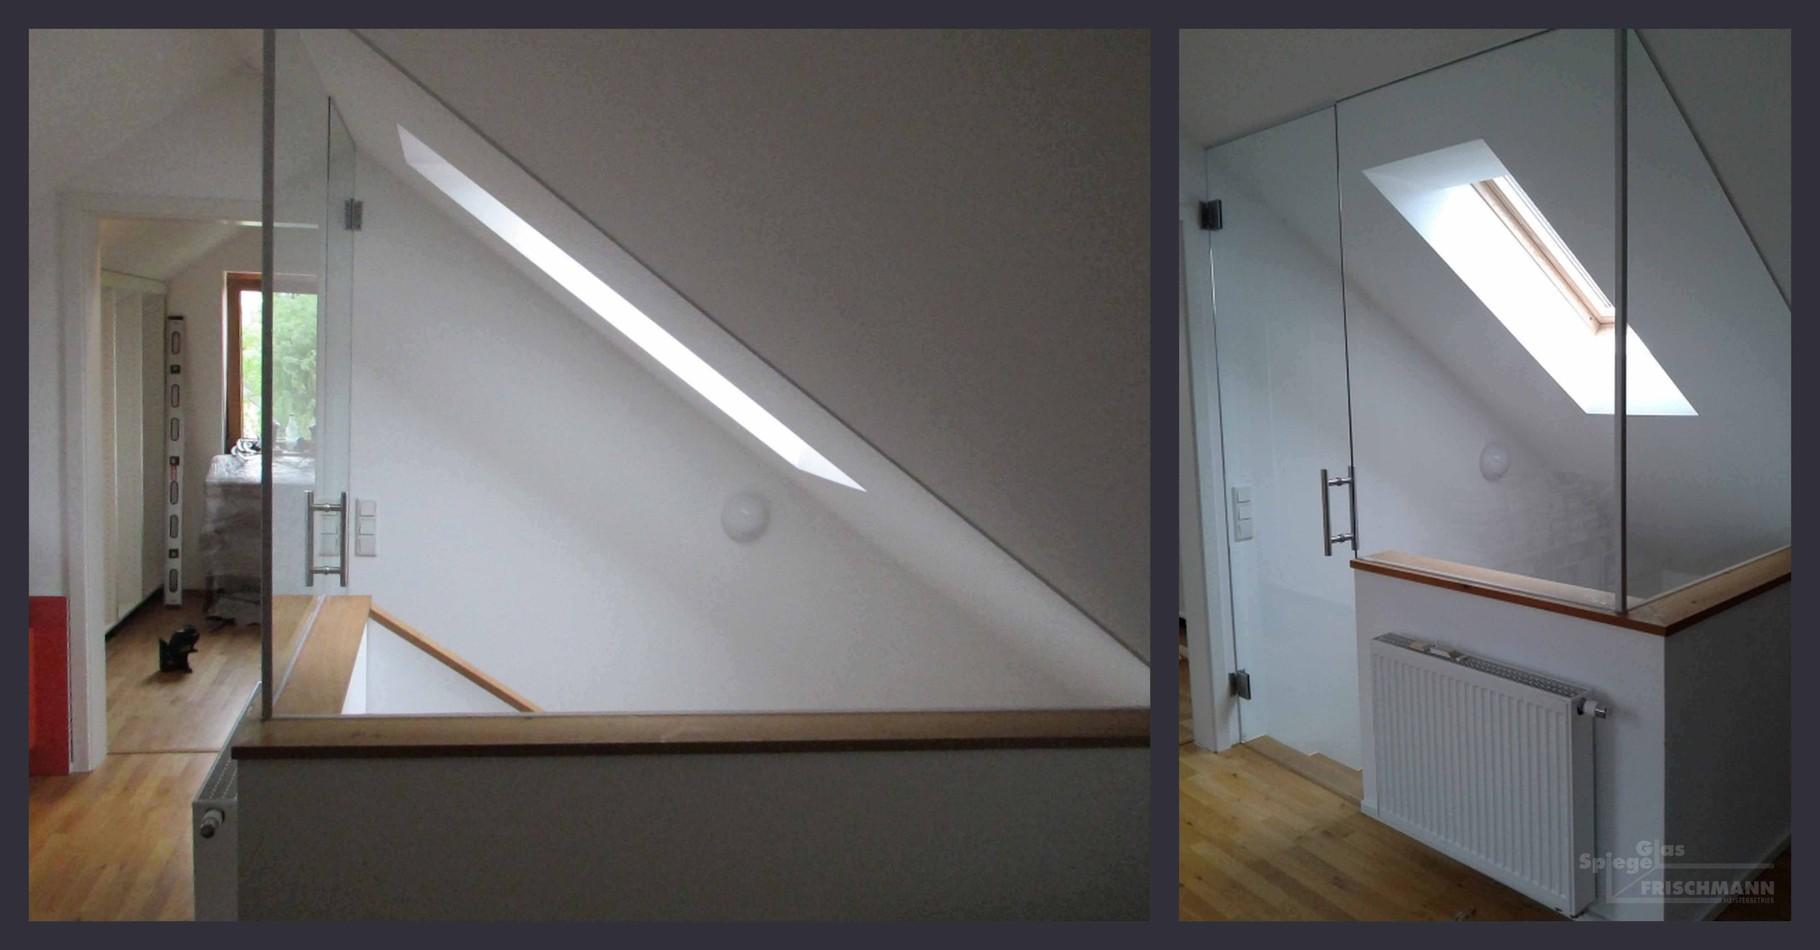 Absturzsicherung Und Treppengelander Glas Spiegel Frischmann